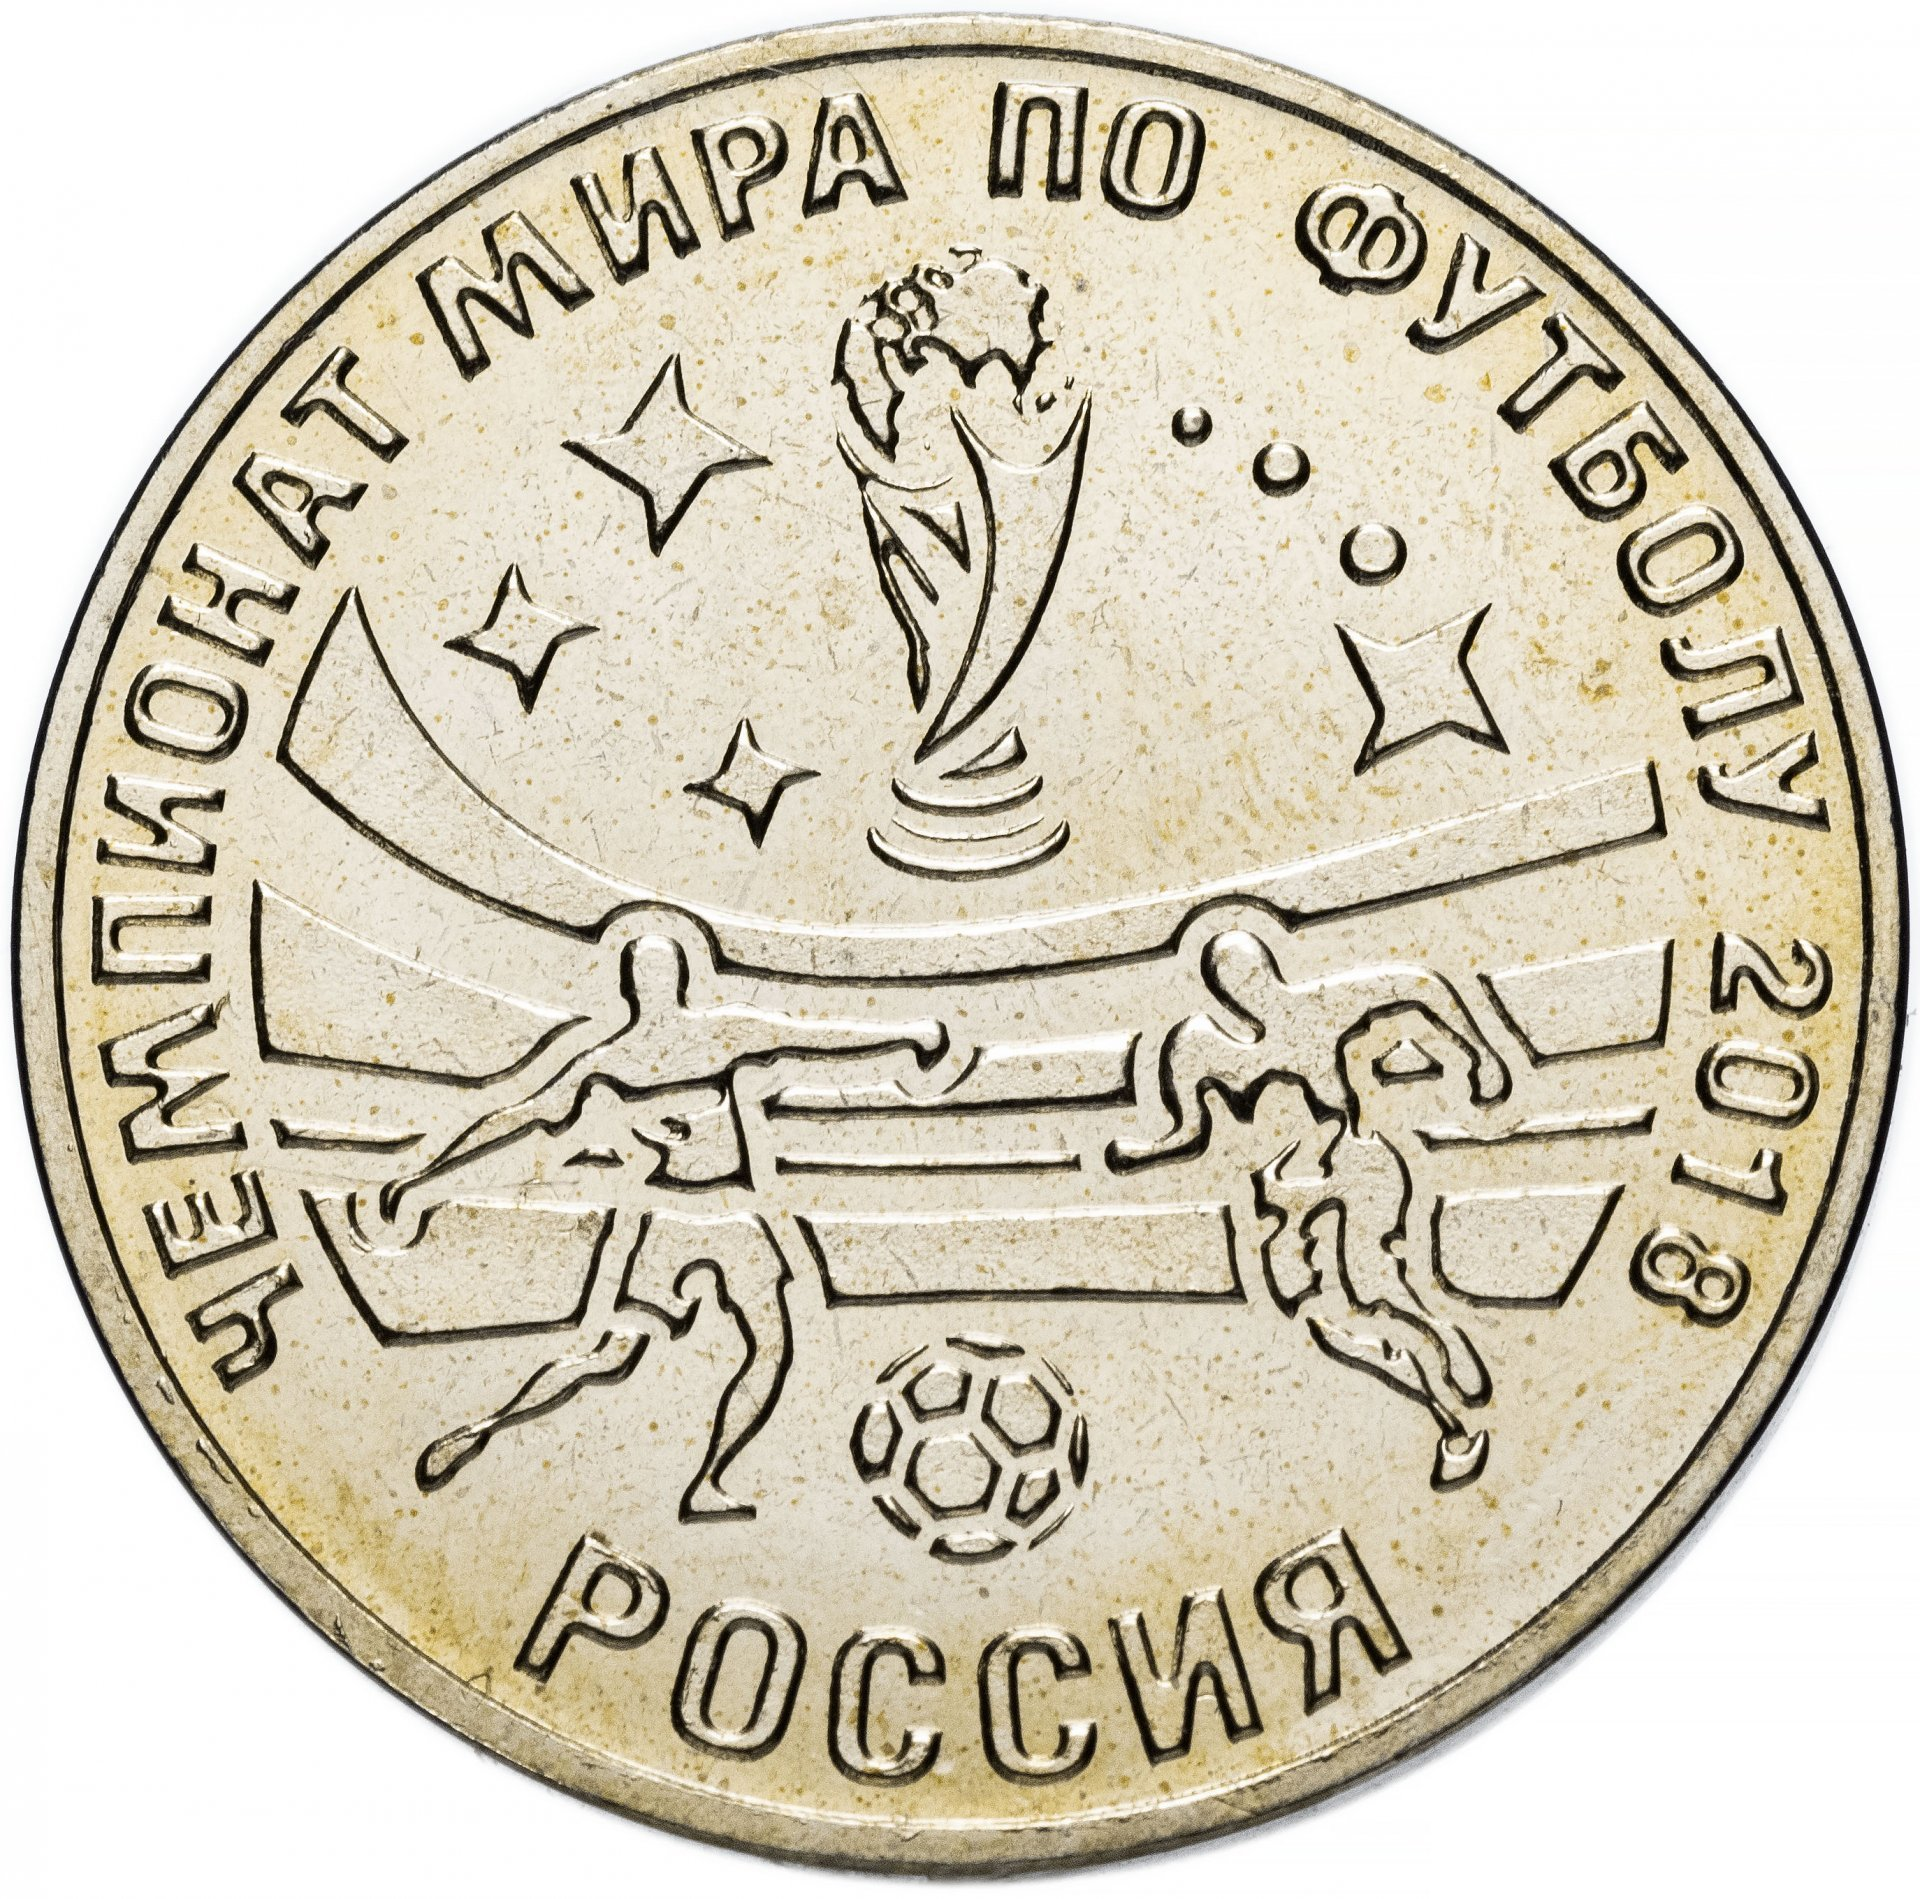 25 рублей 2017 «Чемпионат мира по футболу 2018. Россия» Приднестровье